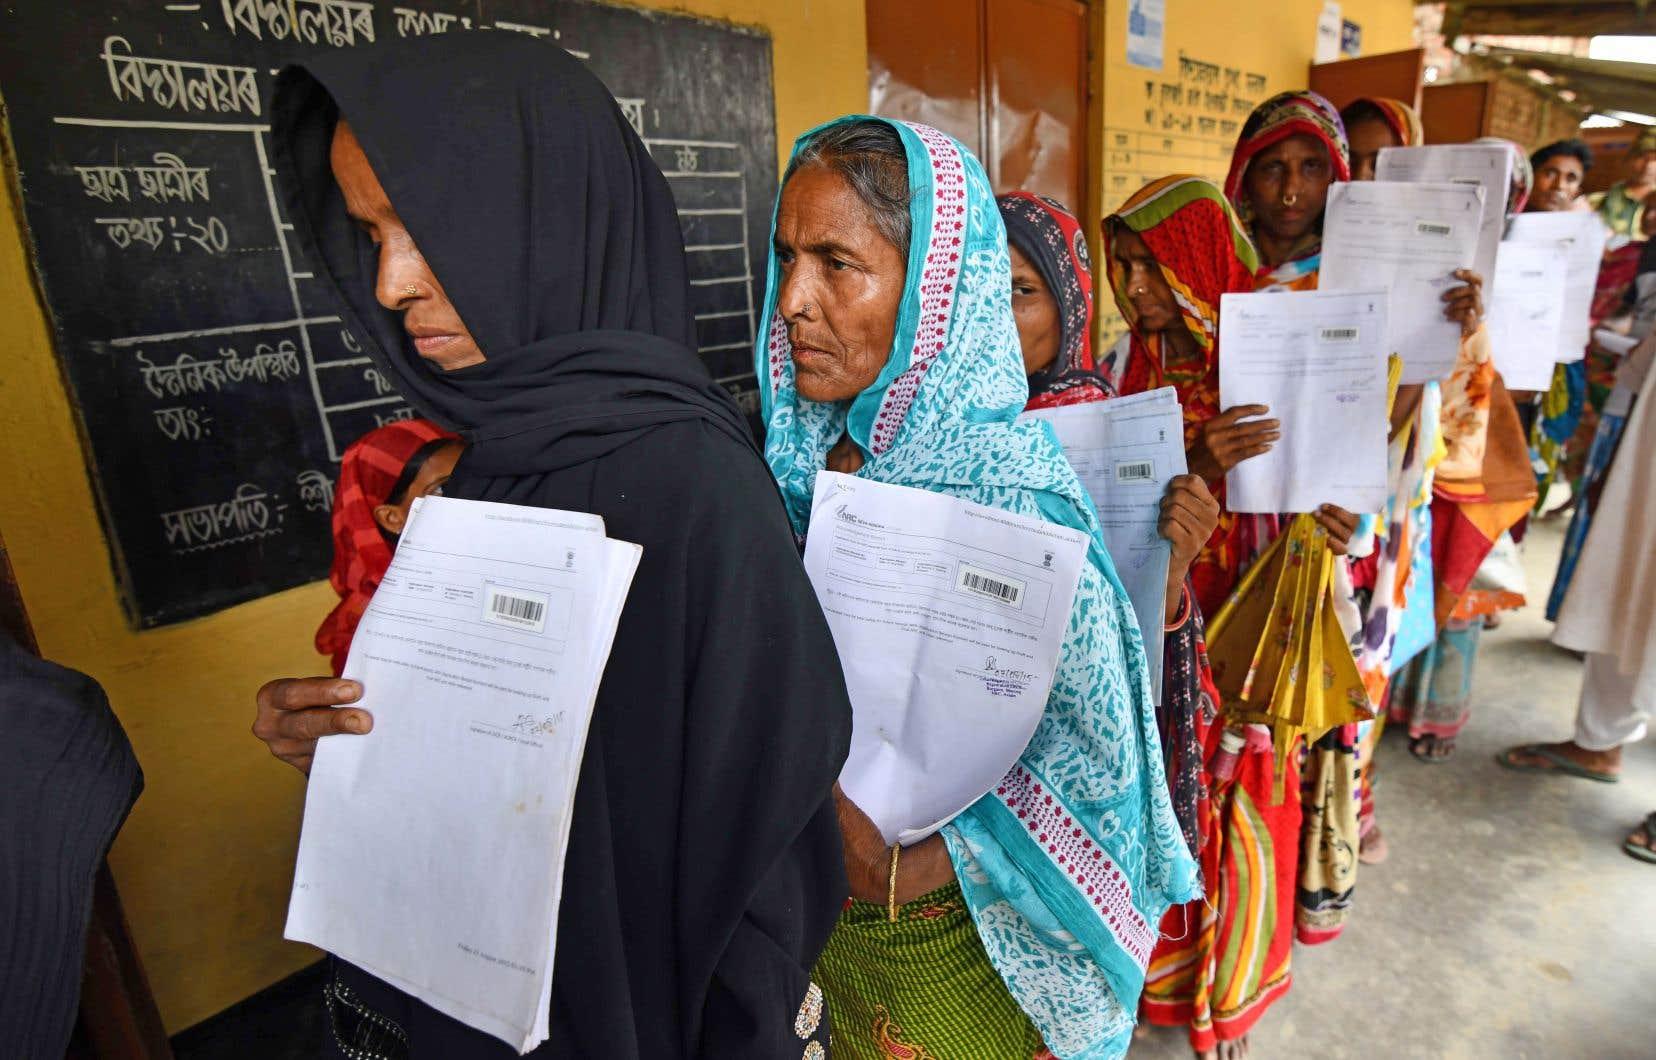 Des résidents de l'État d'Assam en Inde font la queue pour vérifier qu'ils figurent bien sur le registre national des citoyens, à Morigoan en Inde, le 30 juillet 2018.